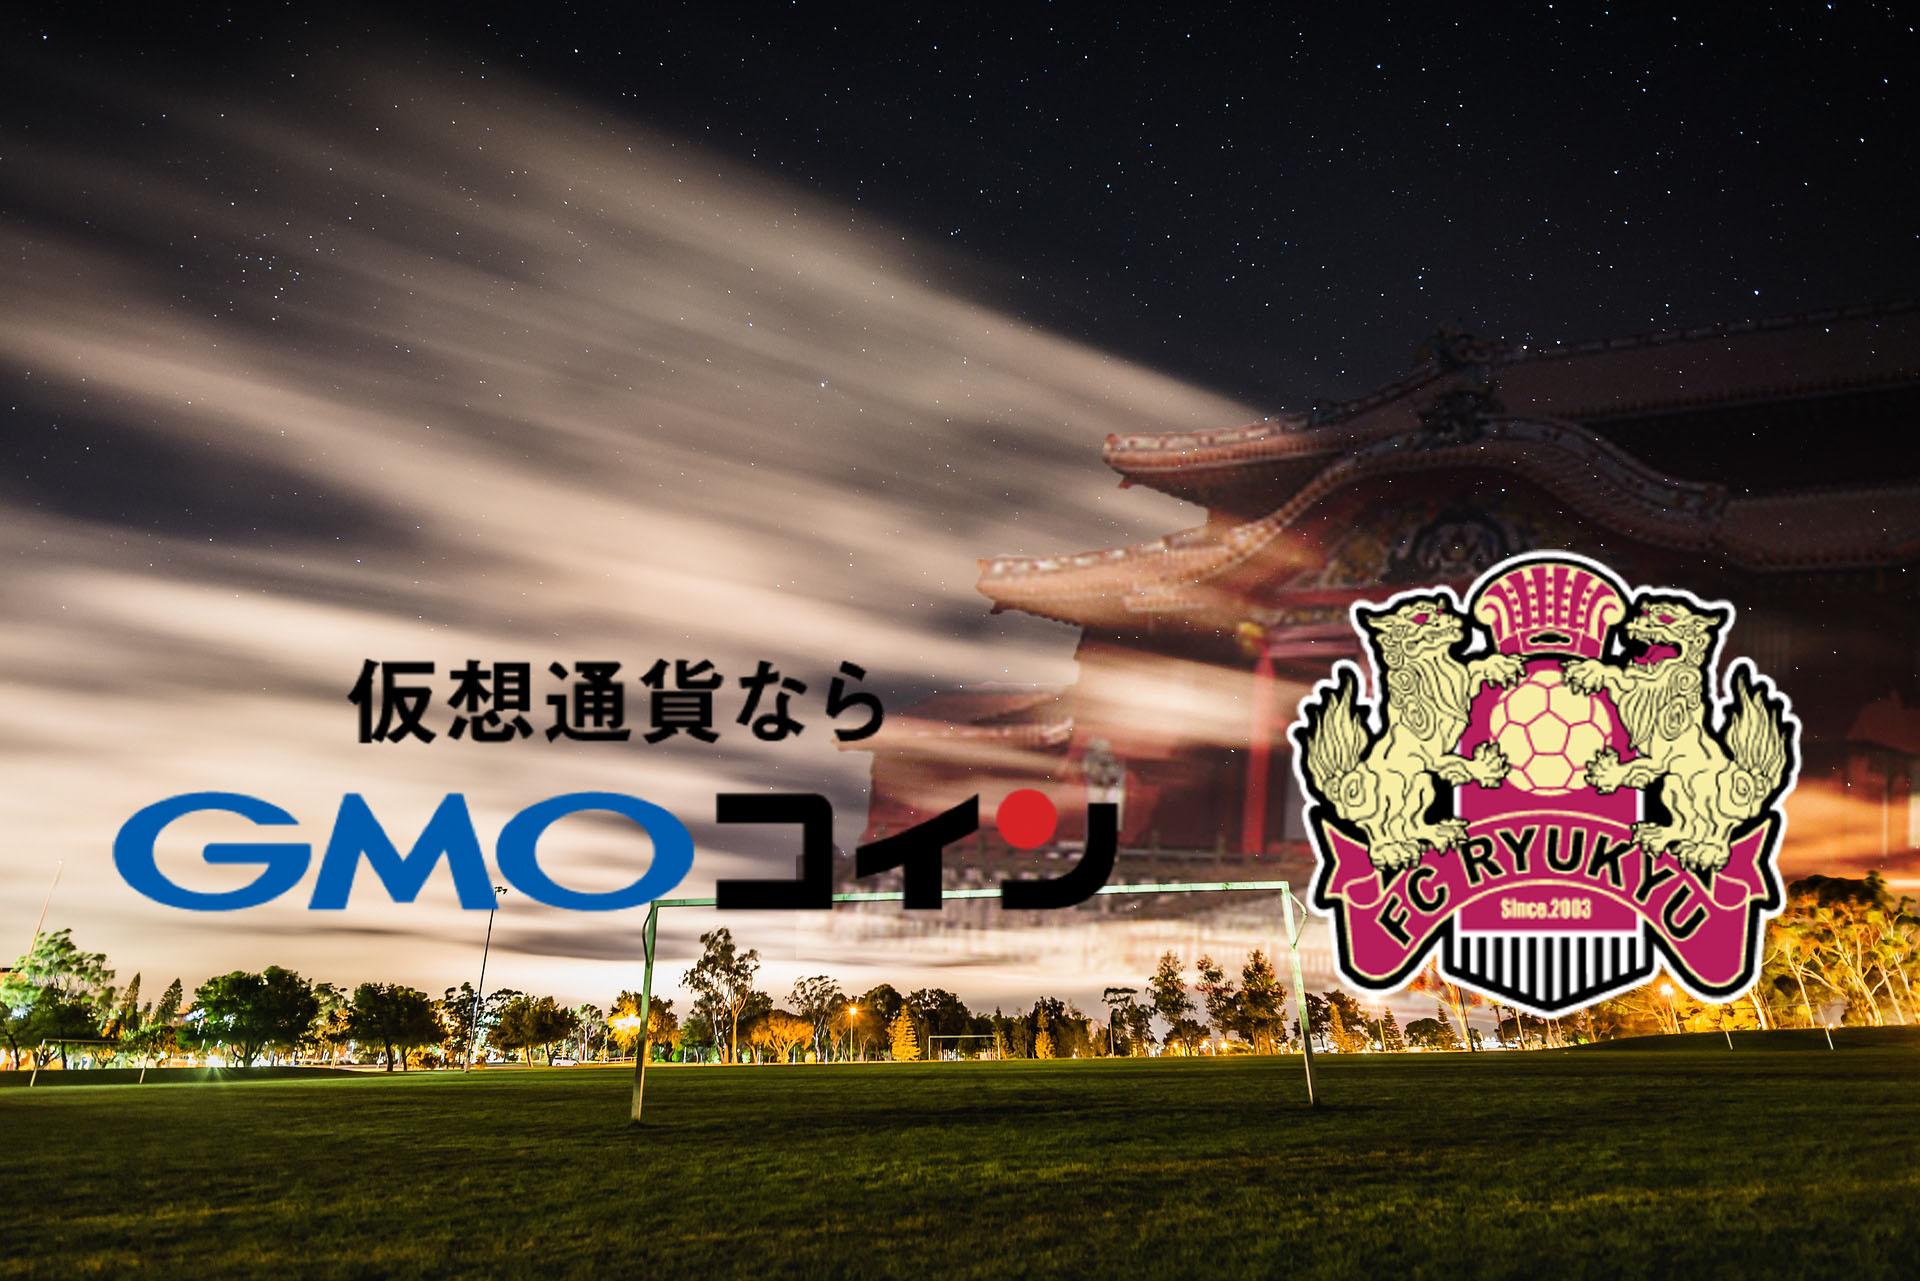 GMOコイン2020年もJ2リーグFC琉球に協賛!